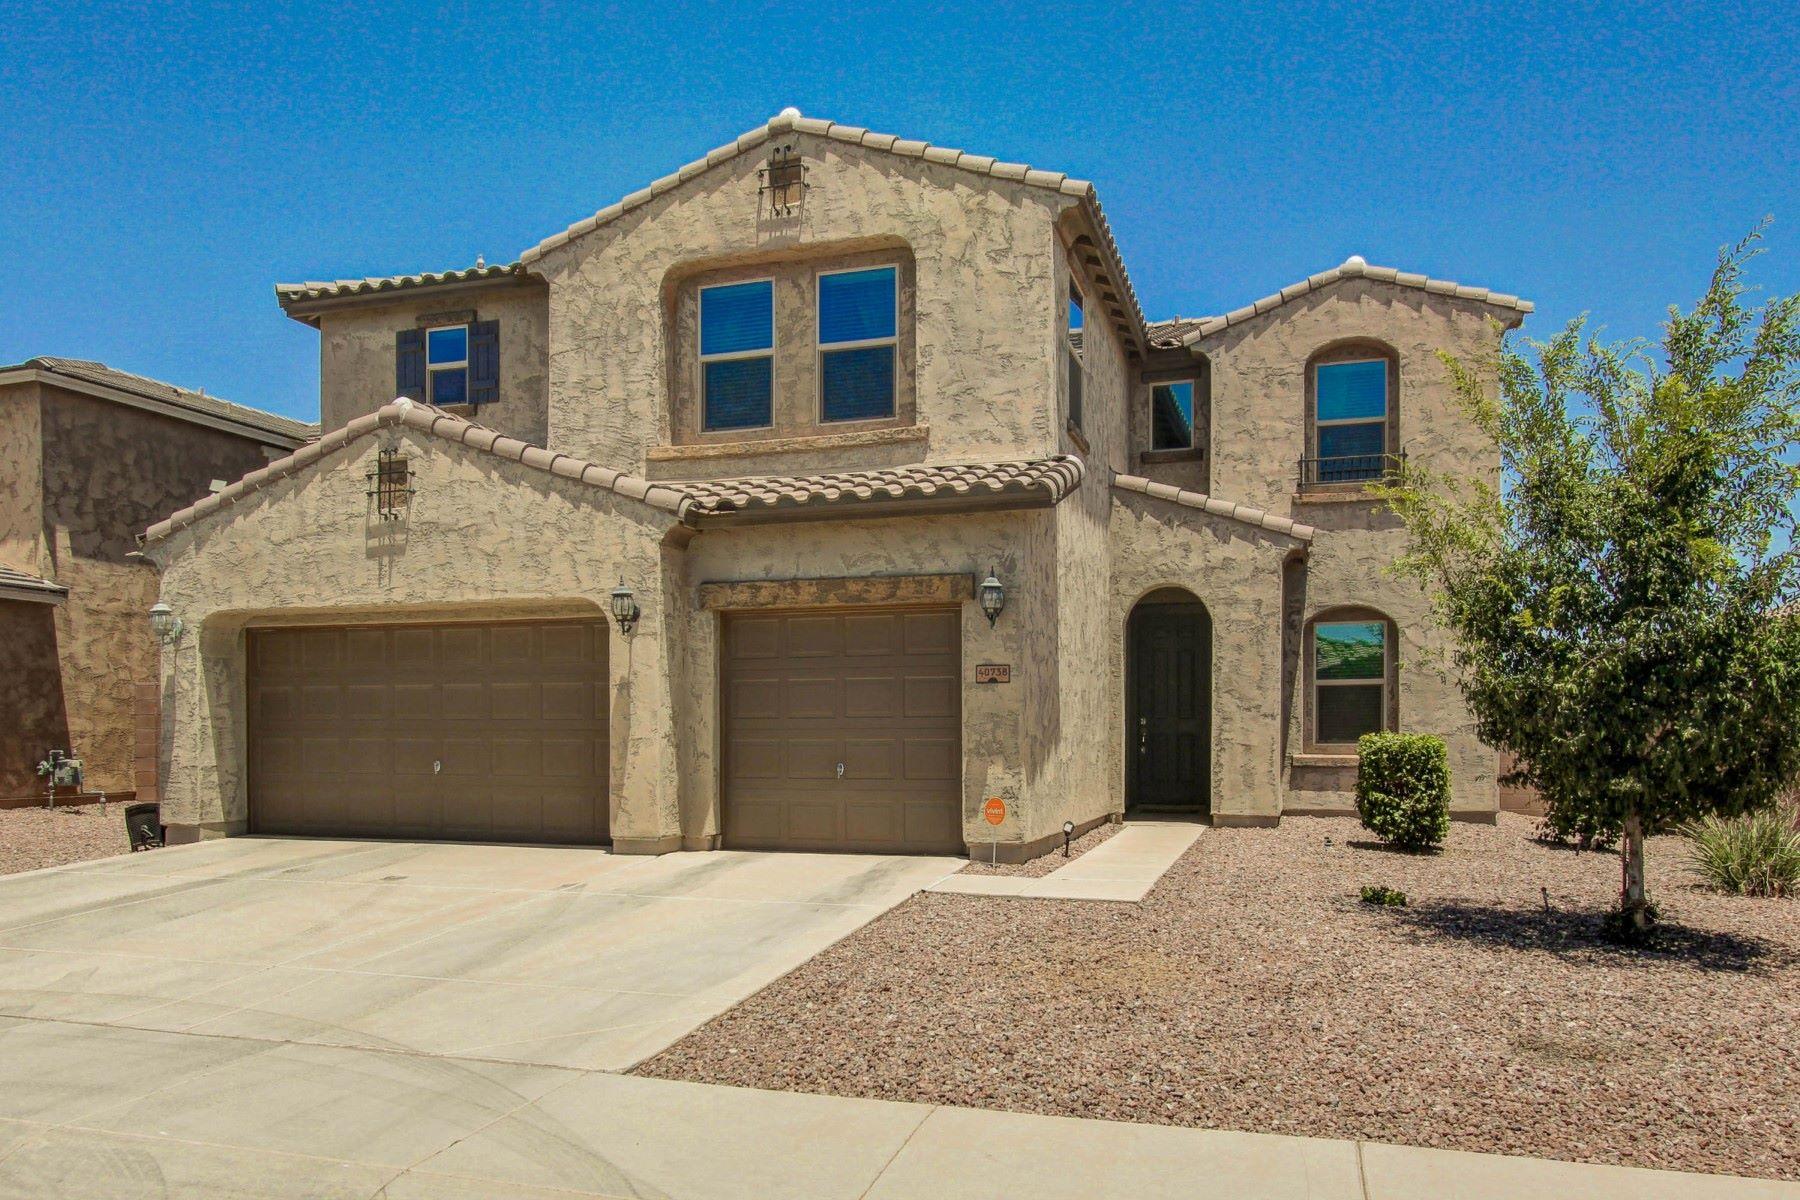 단독 가정 주택 용 매매 에 Stunning waterfront property in Meritage Homes 40738 W Parkhill Dr Maricopa, 아리조나, 85138 미국